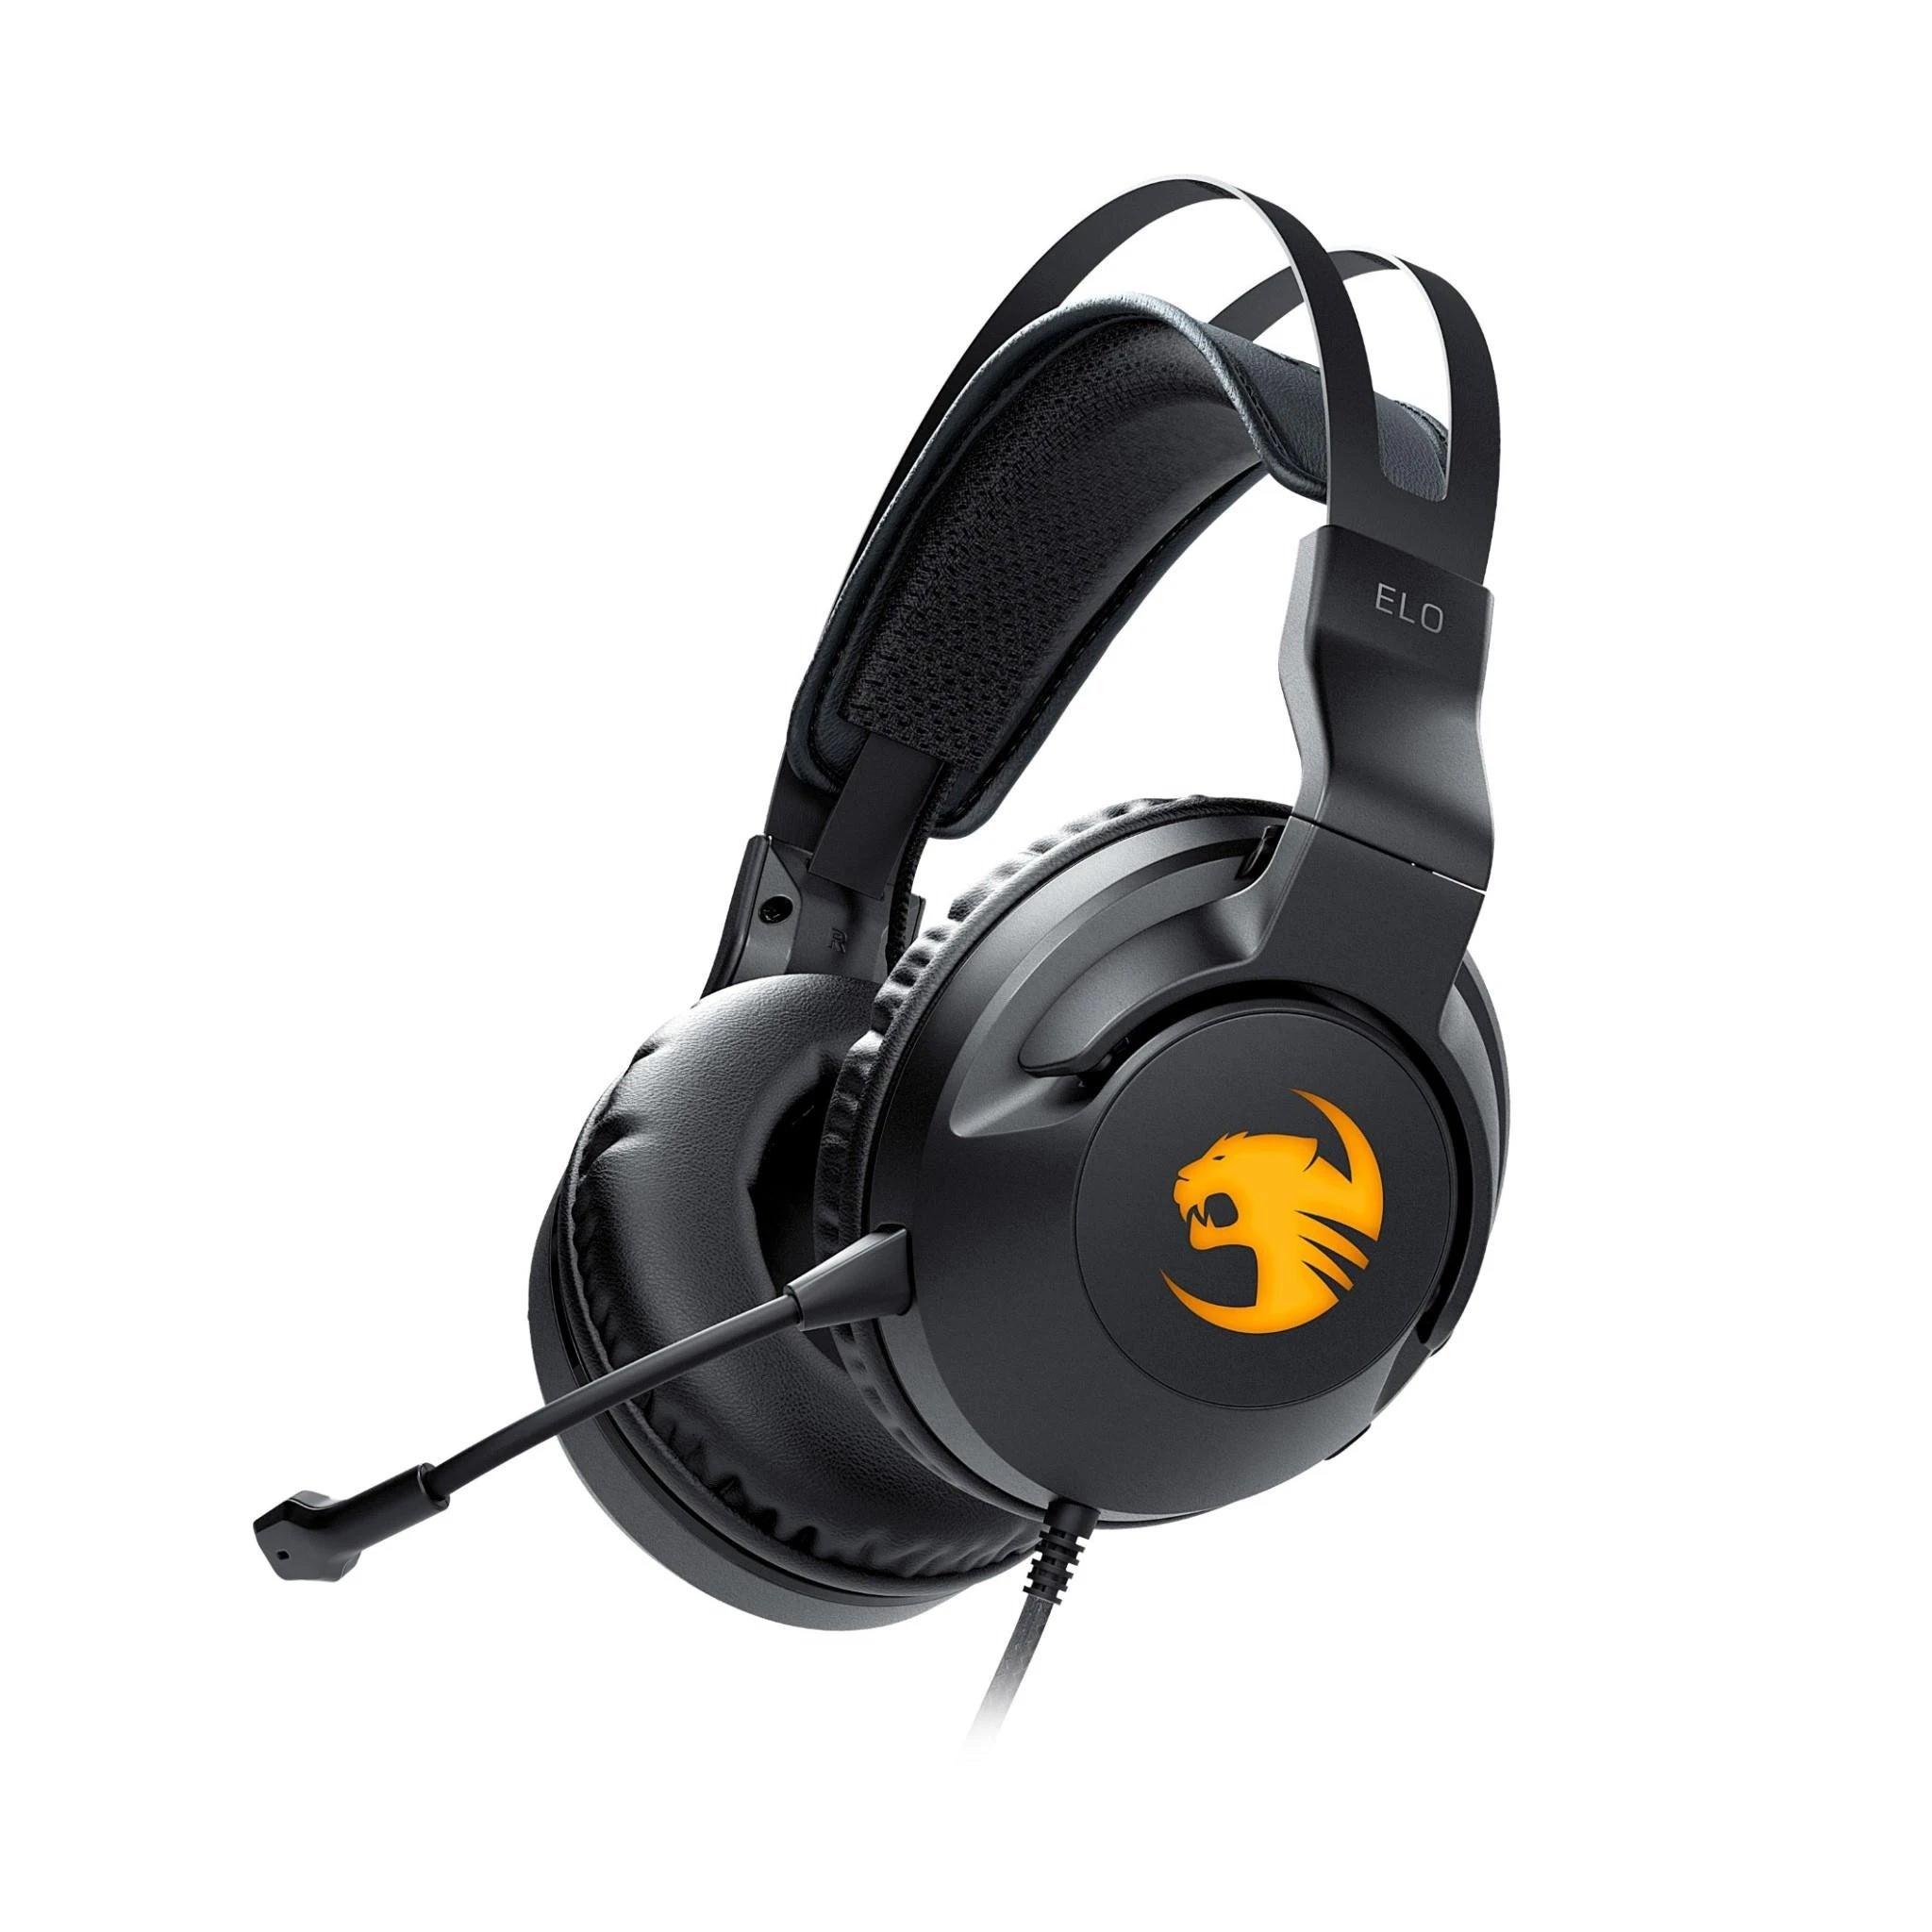 Roccat Elo 7.1 USB Gaming Headphones